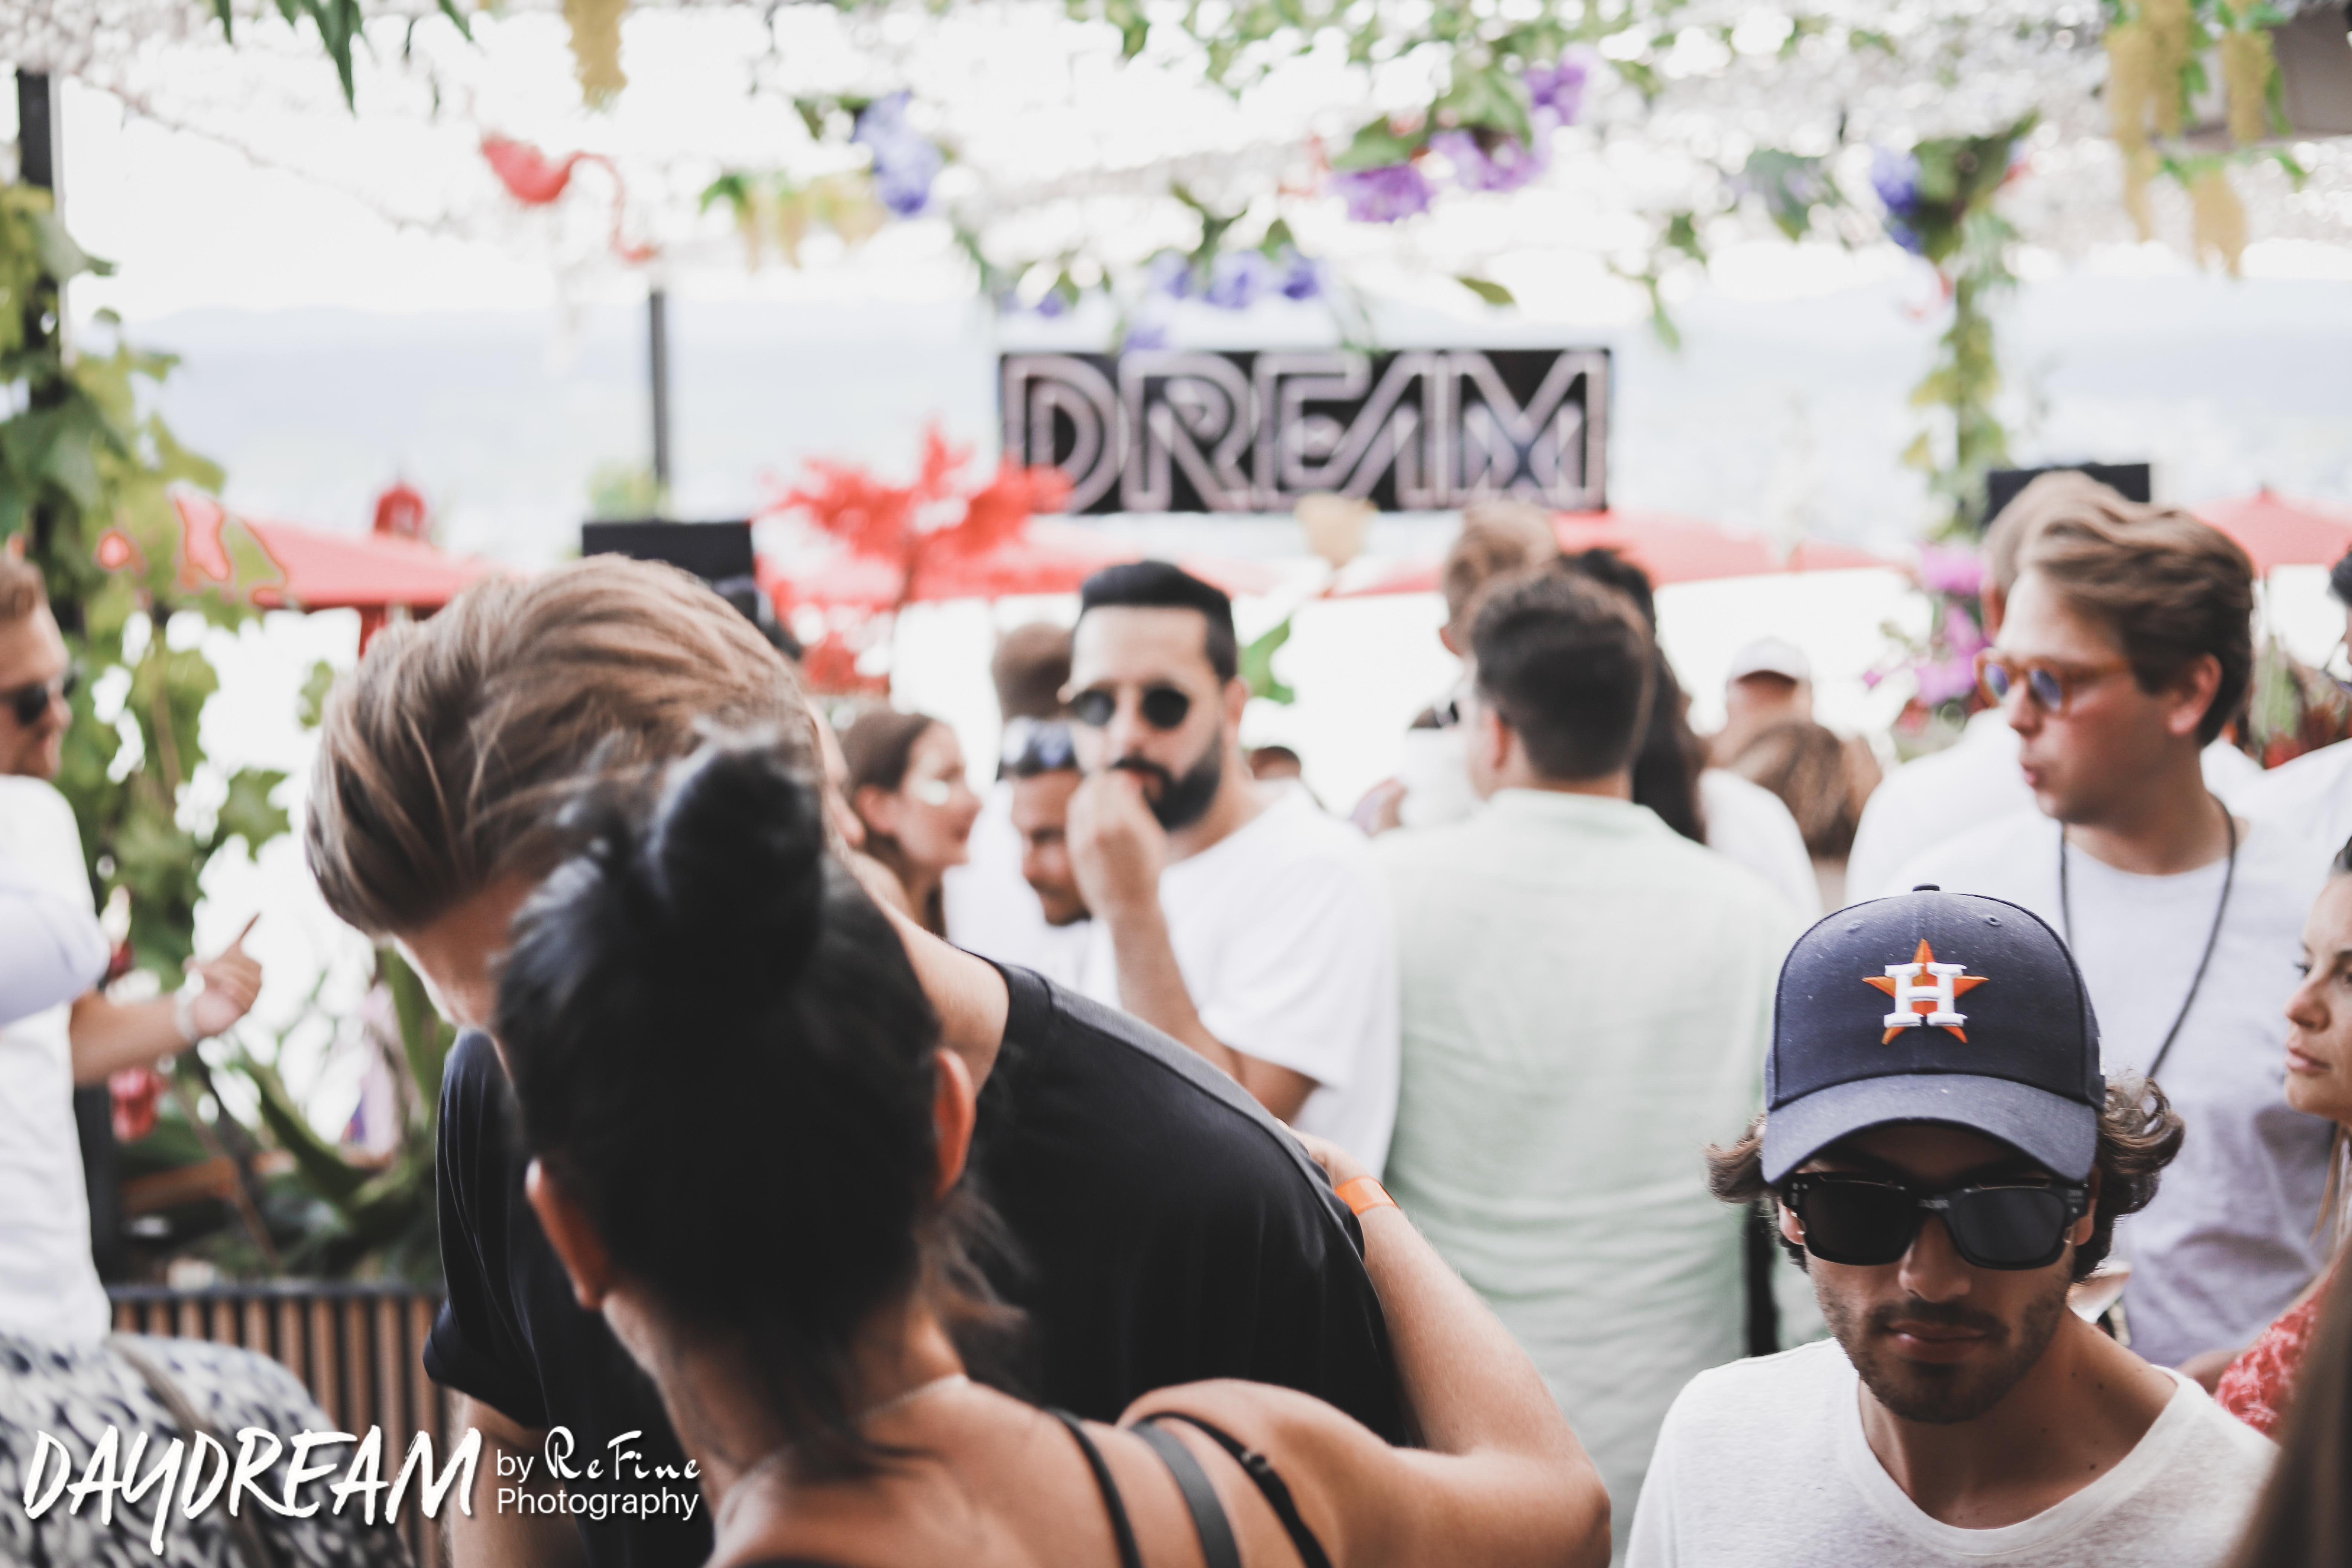 DREAM_ZH132